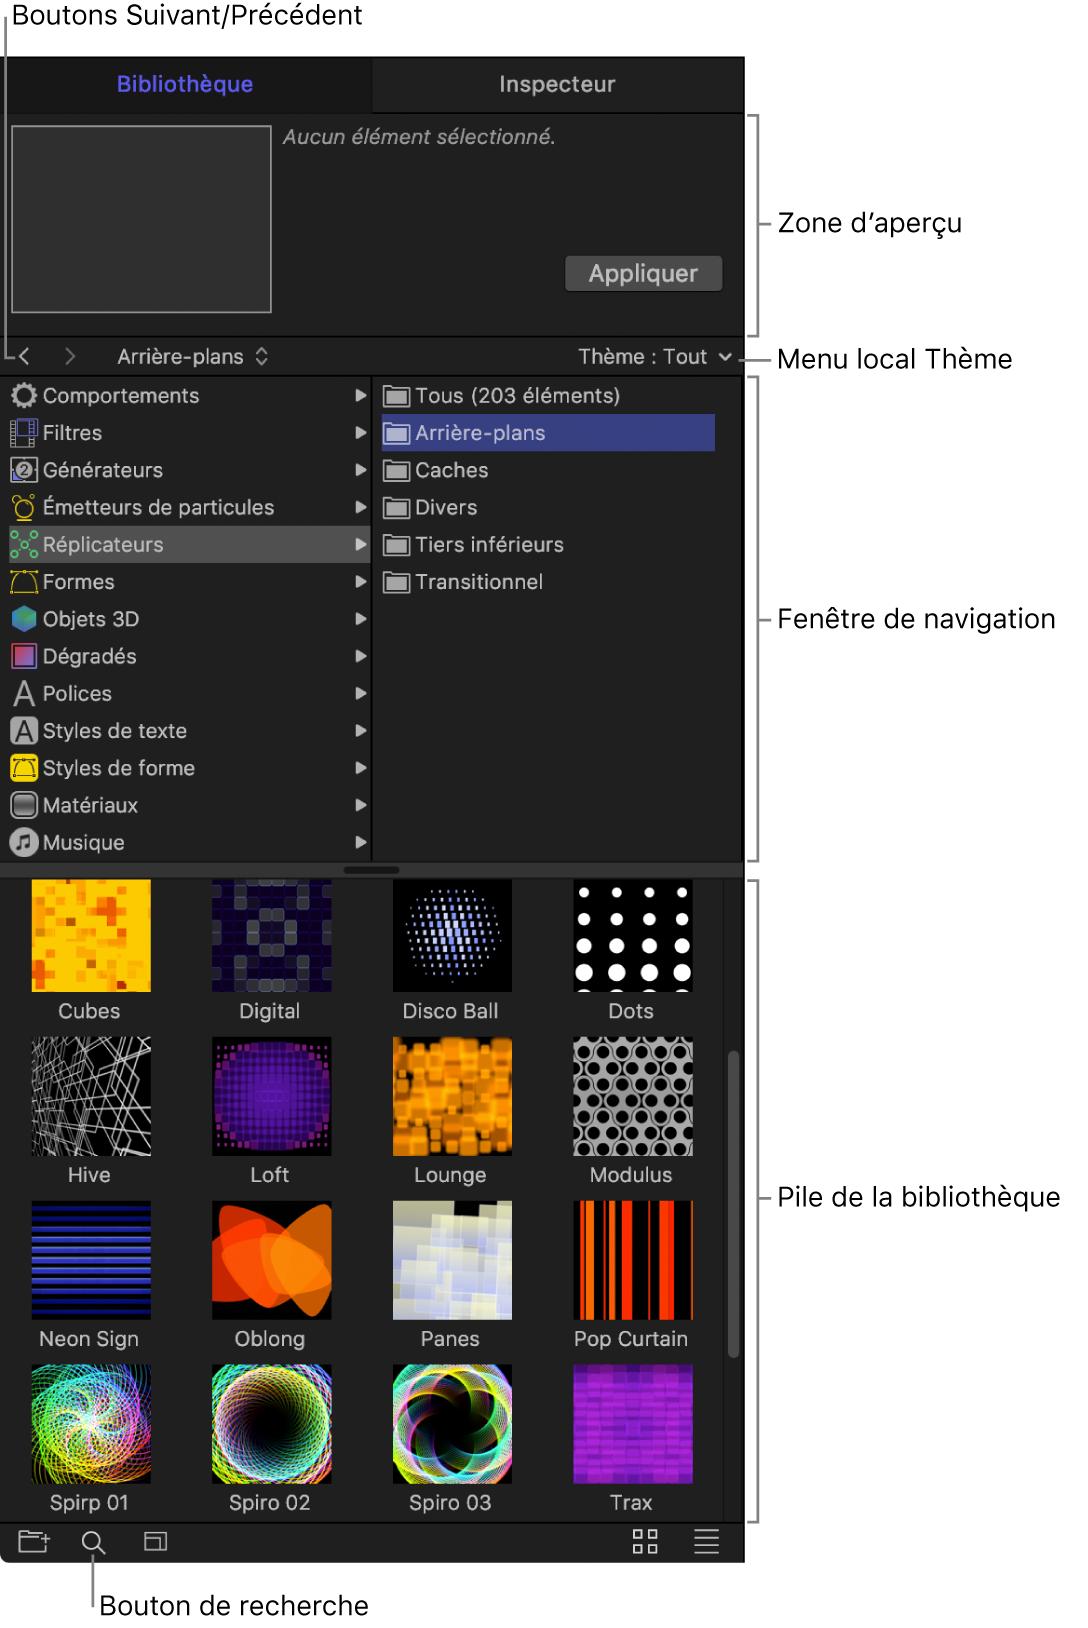 Zones de la bibliothèque: zone d'aperçu, boutons suivant et précédent, menu local Thème, fenêtre de navigation, pile de la bibliothèque et bouton de recherche